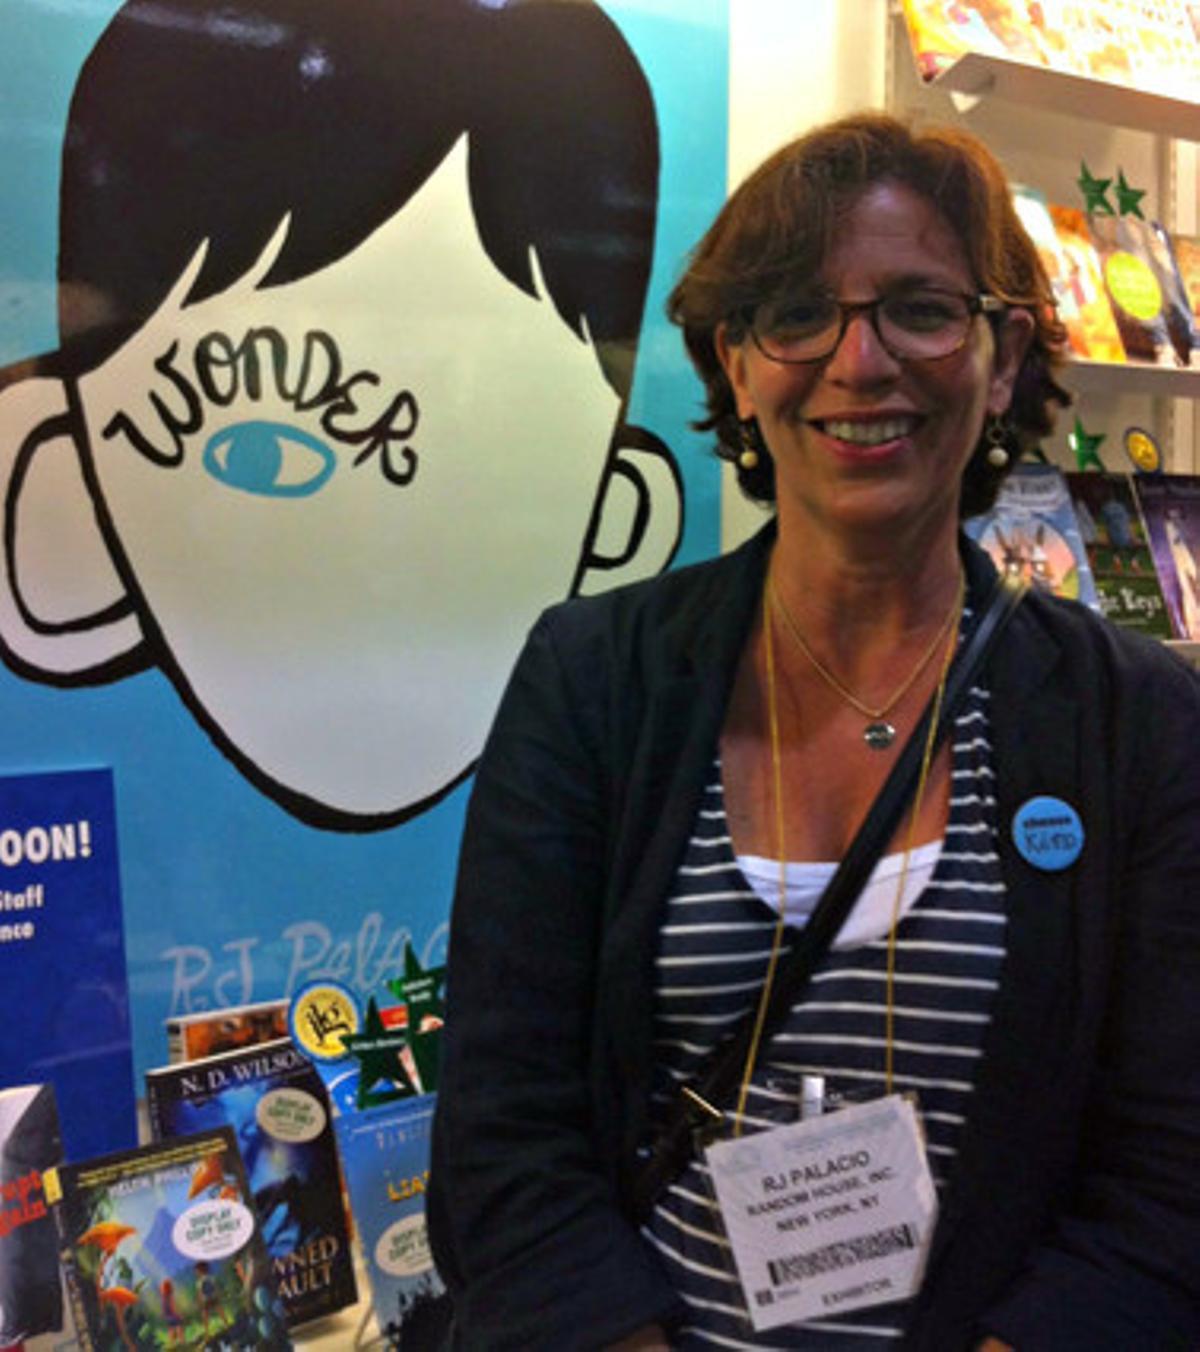 La escritora R. J. Palacio, autora del 'best-seller' infantil 'Wonder' ('La lección de August').